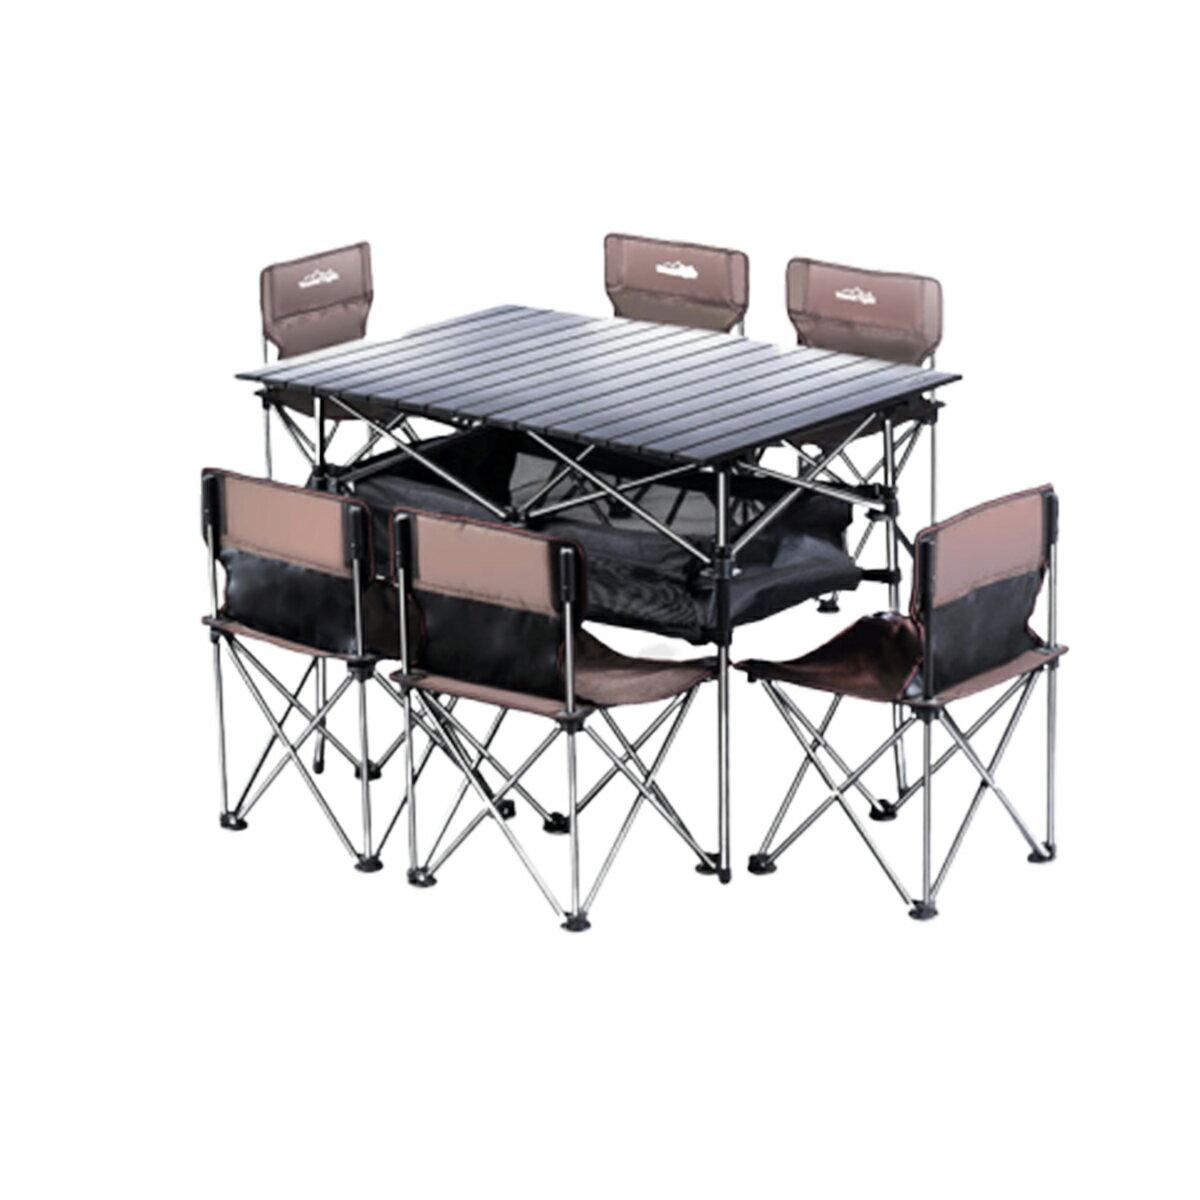 戶外露營折疊輕巧便攜蛋捲桌(附網袋)  摺疊桌 露營桌 攜帶式餐桌【 CSMART+】